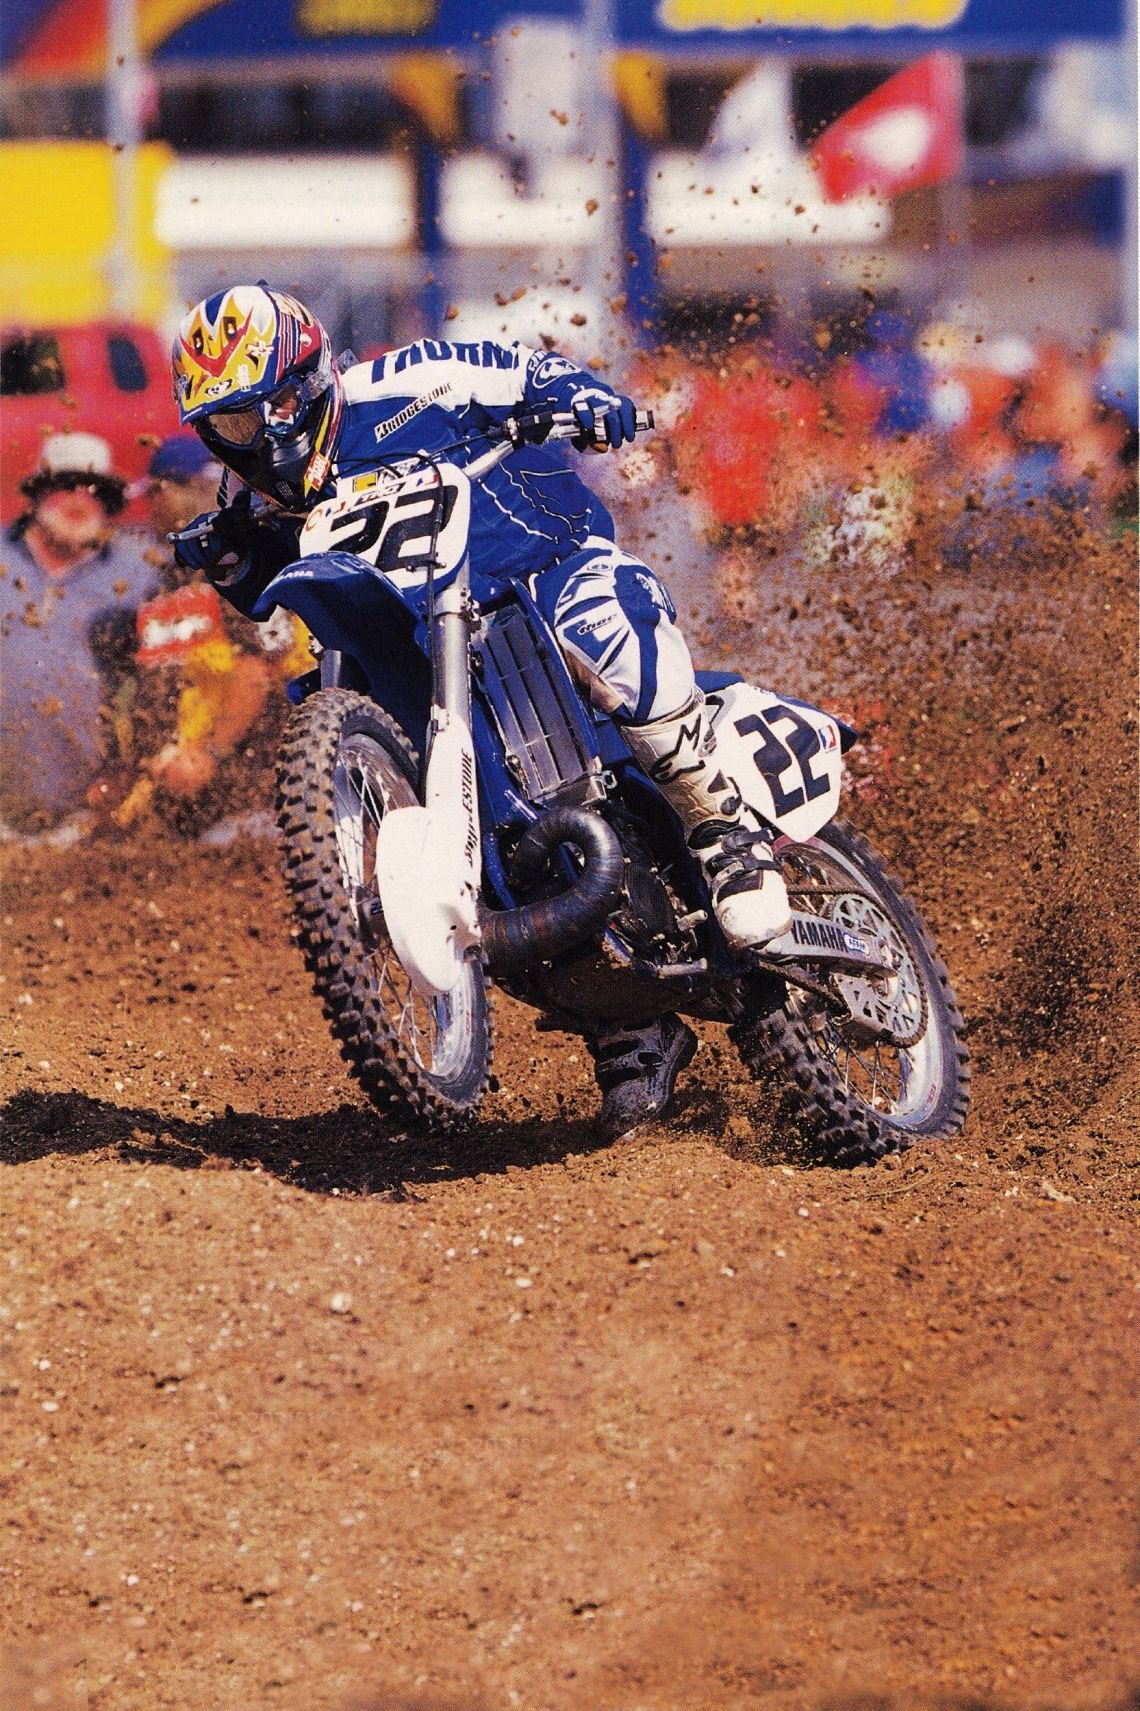 2004 Daytona Chad Reed - Garth Milan Pic